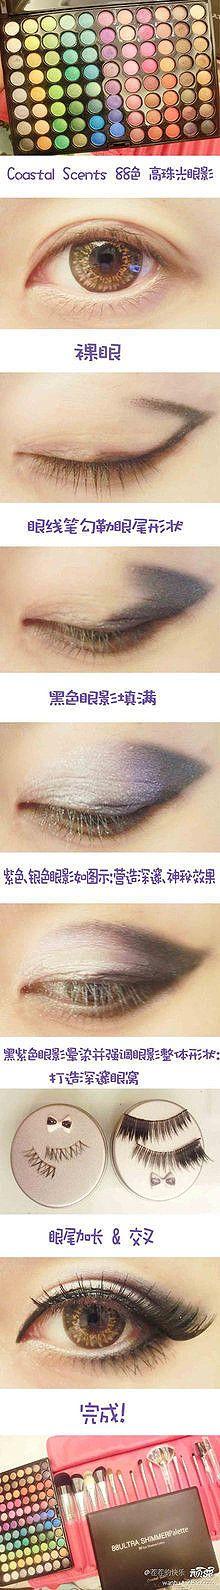 美妆 眼妆 嘀咕图片